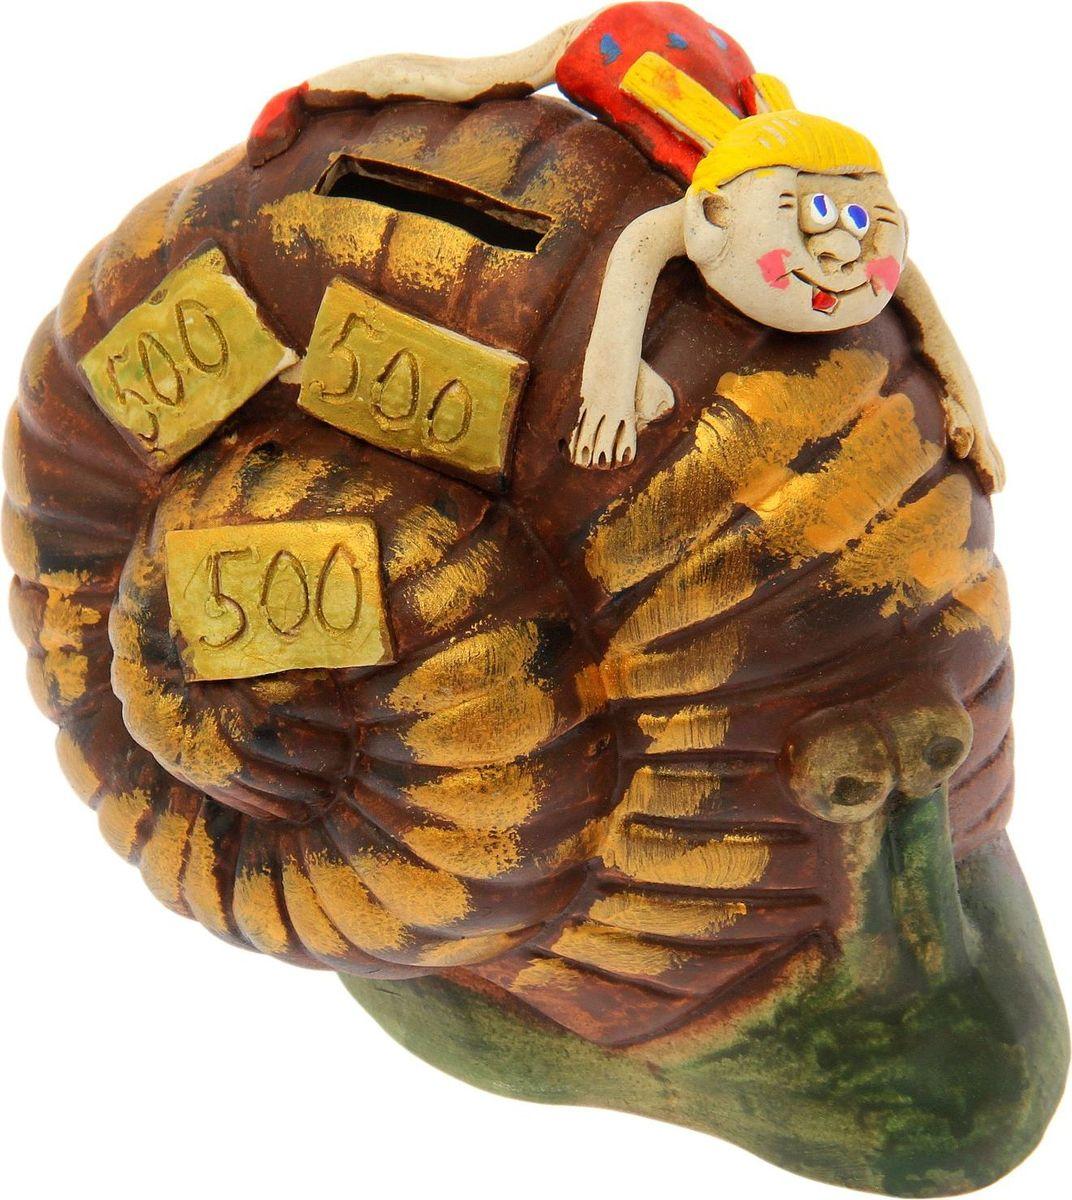 Копилка Керамика ручной работы Девочка на улитке, 16 х 13 х 16 см1143627Оригинальная копилка, выполненная в виде любимого животного, станет необычным украшением интерьера или полезным подарком для любимого человека. С её помощью вы с лёгкостью избавите карманы от мелочи и незаметно для себя приумножите сбережения.Обращаем ваше внимание, что копилка является одноразовой.